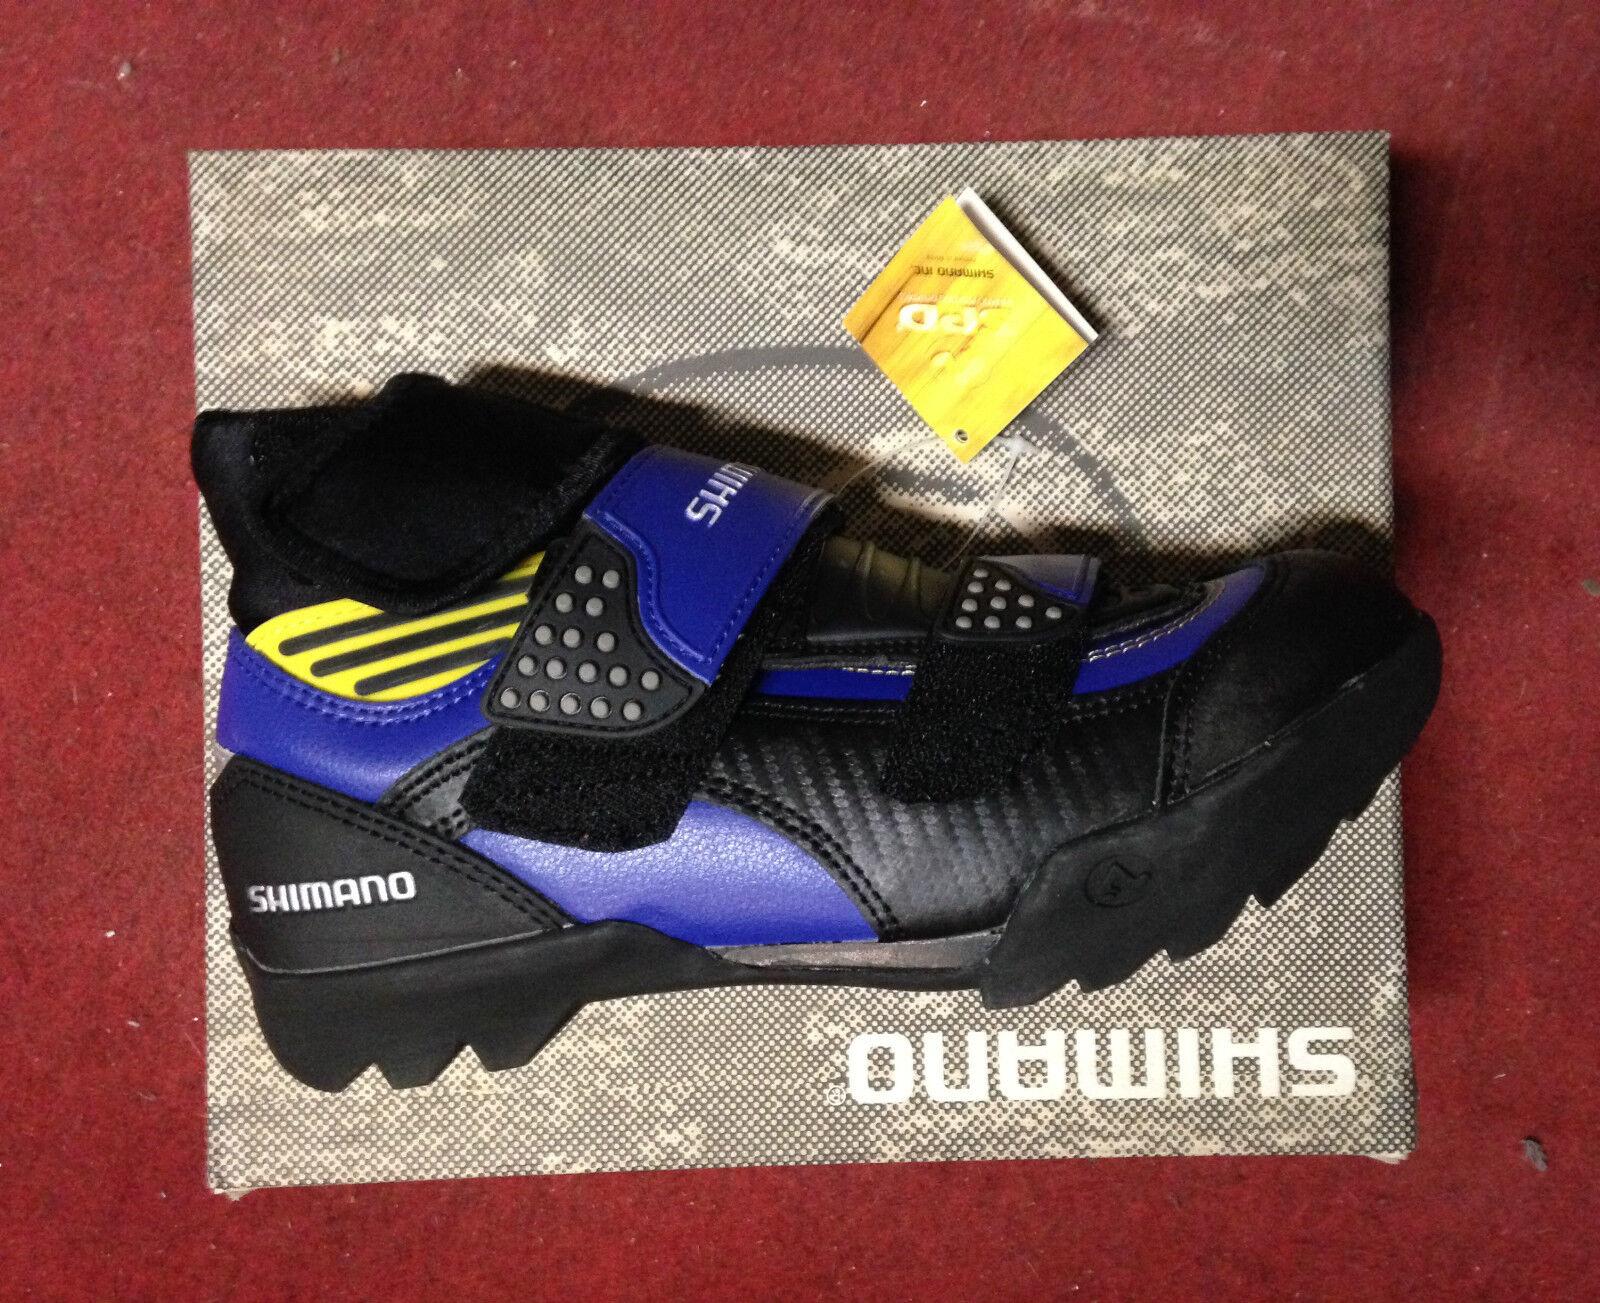 shoes invernali MTB Shimano SH-W100 Winter mountain bike shoes 39 blue